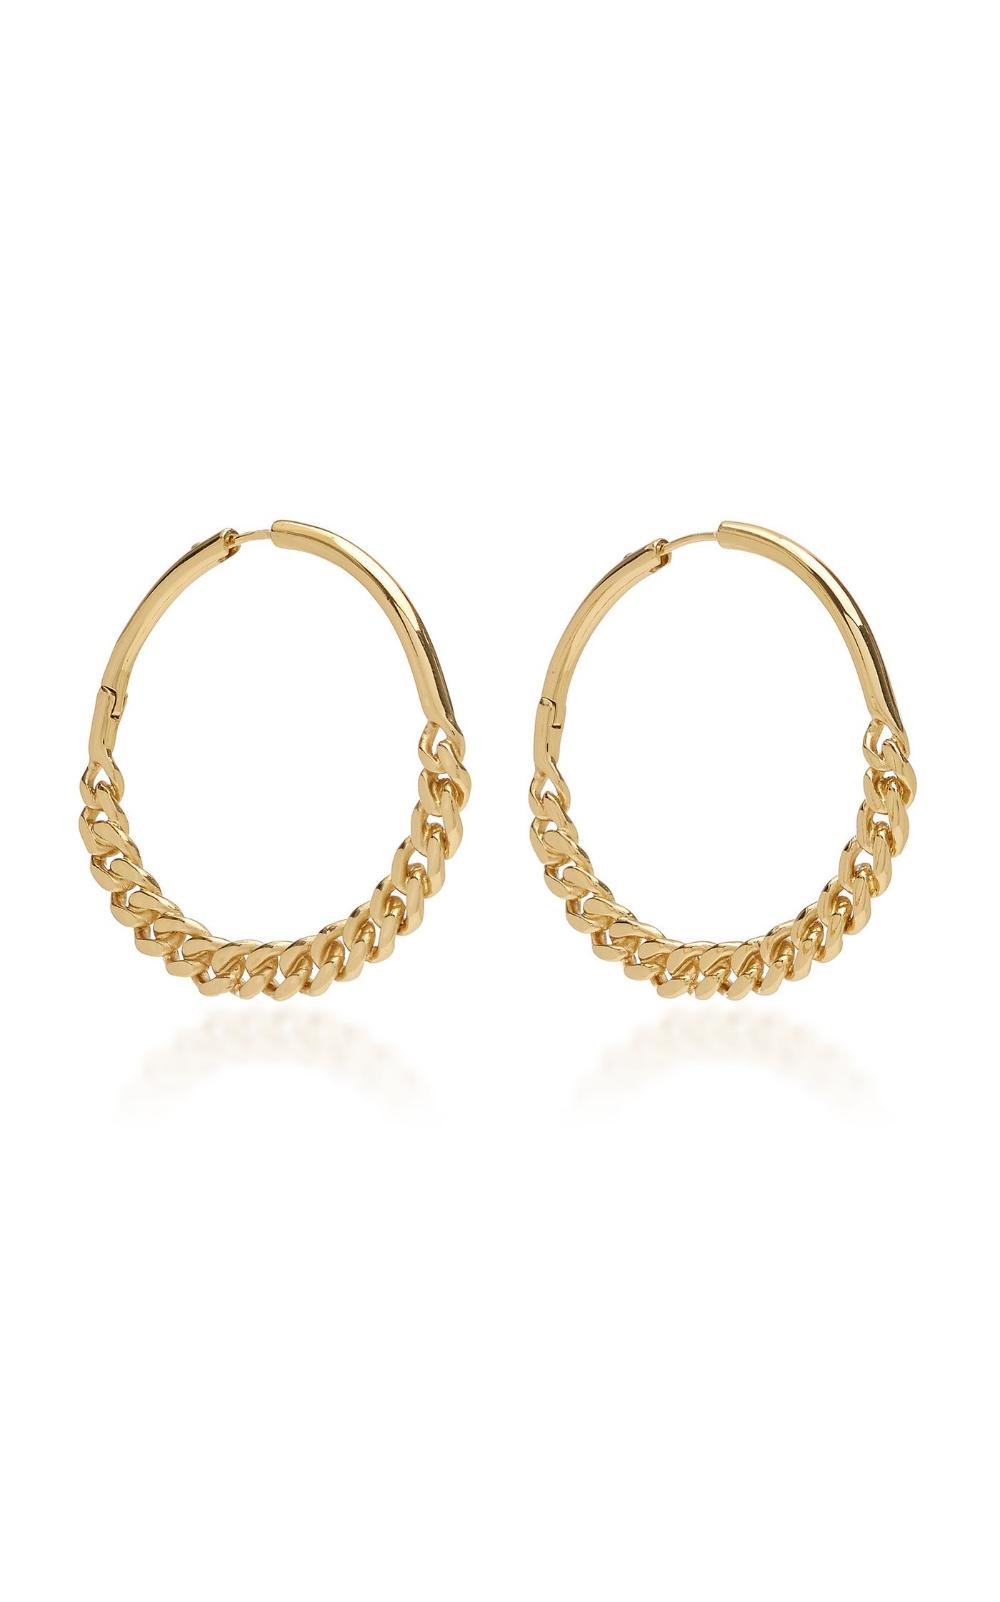 Cristy Chain Detailed 12k Gold Plated Hoop Earrings By Demarson Moda Operandi In 2020 Hoop Earring Sets Fashion Jewelry Earrings Hoop Earrings